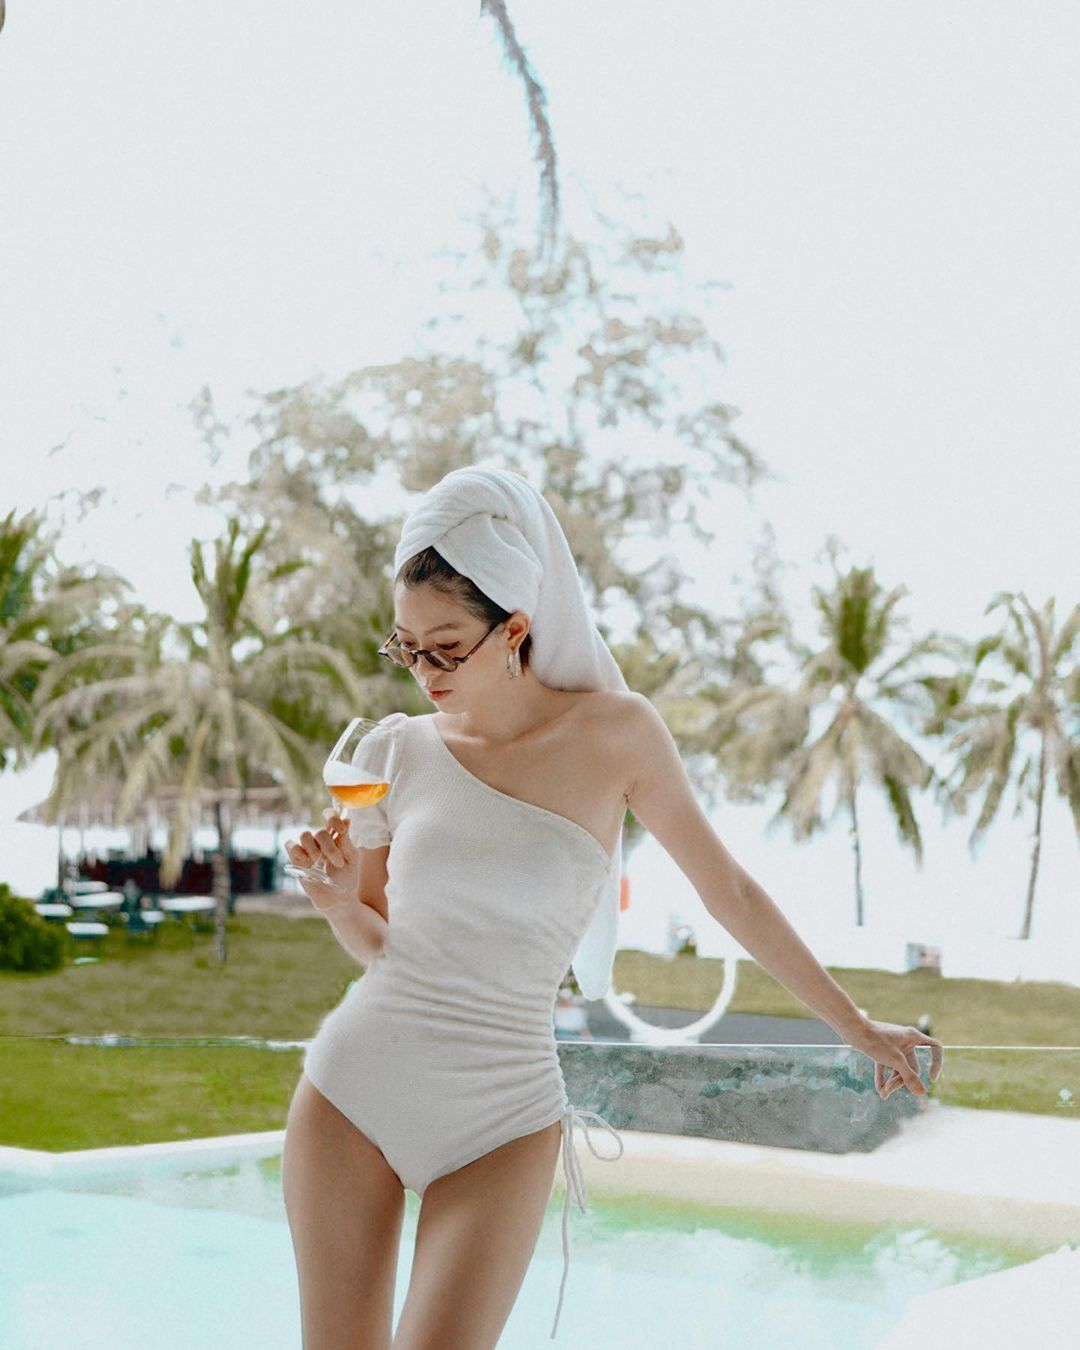 Son Ye Jin đến Hà Hồ đều mê kiểu đồ bơi che bụng mỡ cực siêu này, chị em update ngay để Hè này tha hồ khoe dáng - Ảnh 7.